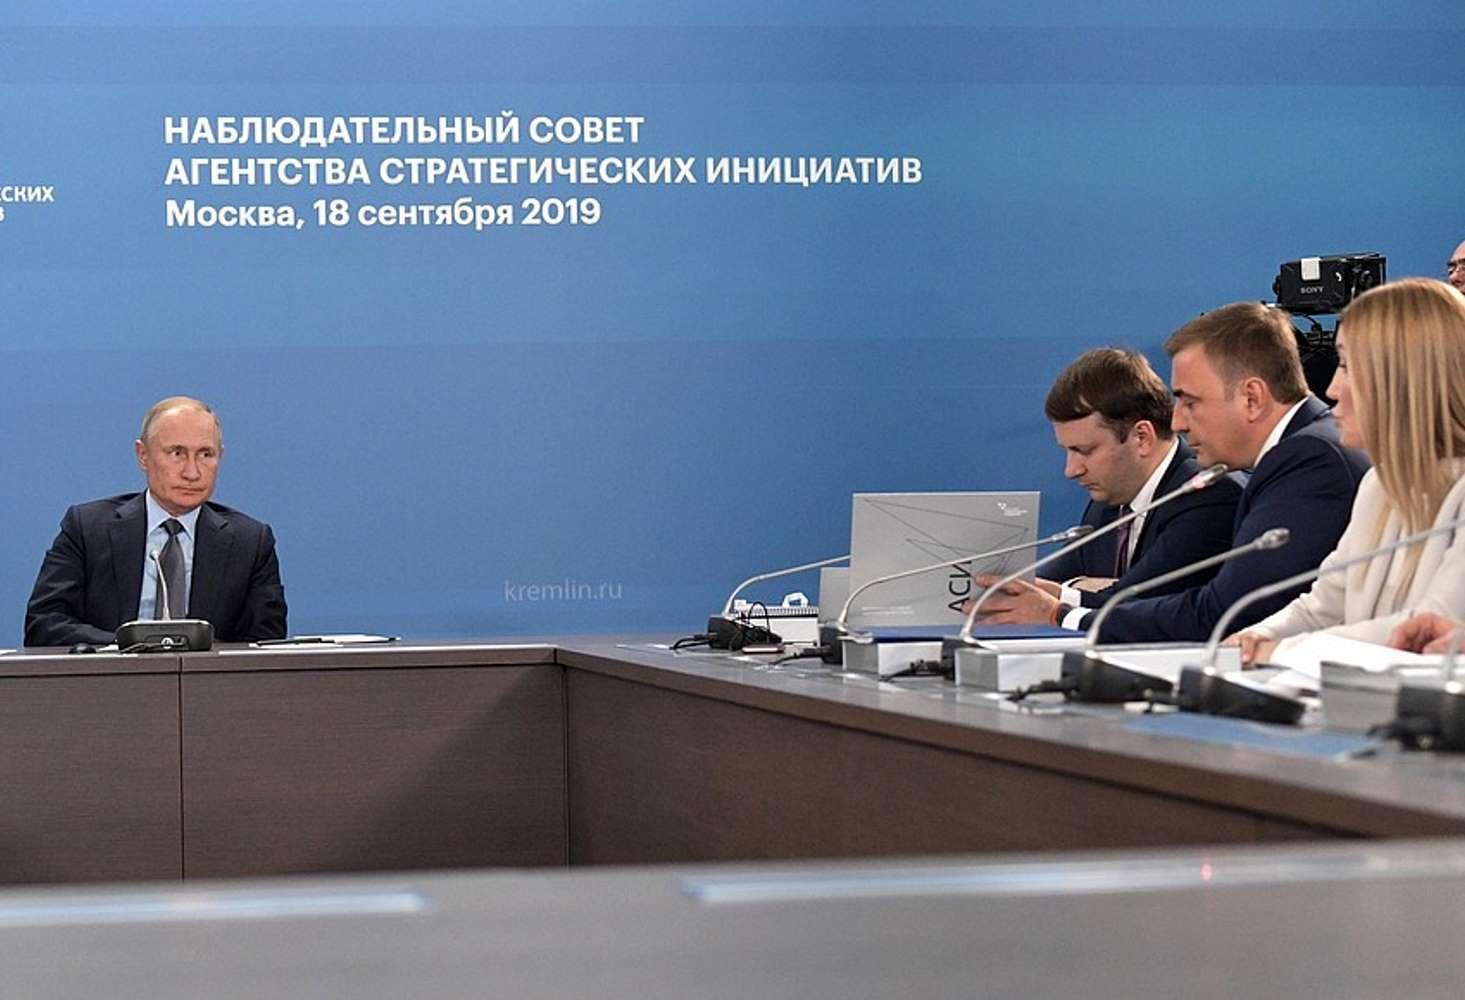 v-asi-predlozhili-ispolzovat-koridory-i-sportzaly-dlya-uvelicheniya-moshhnosti-shkol